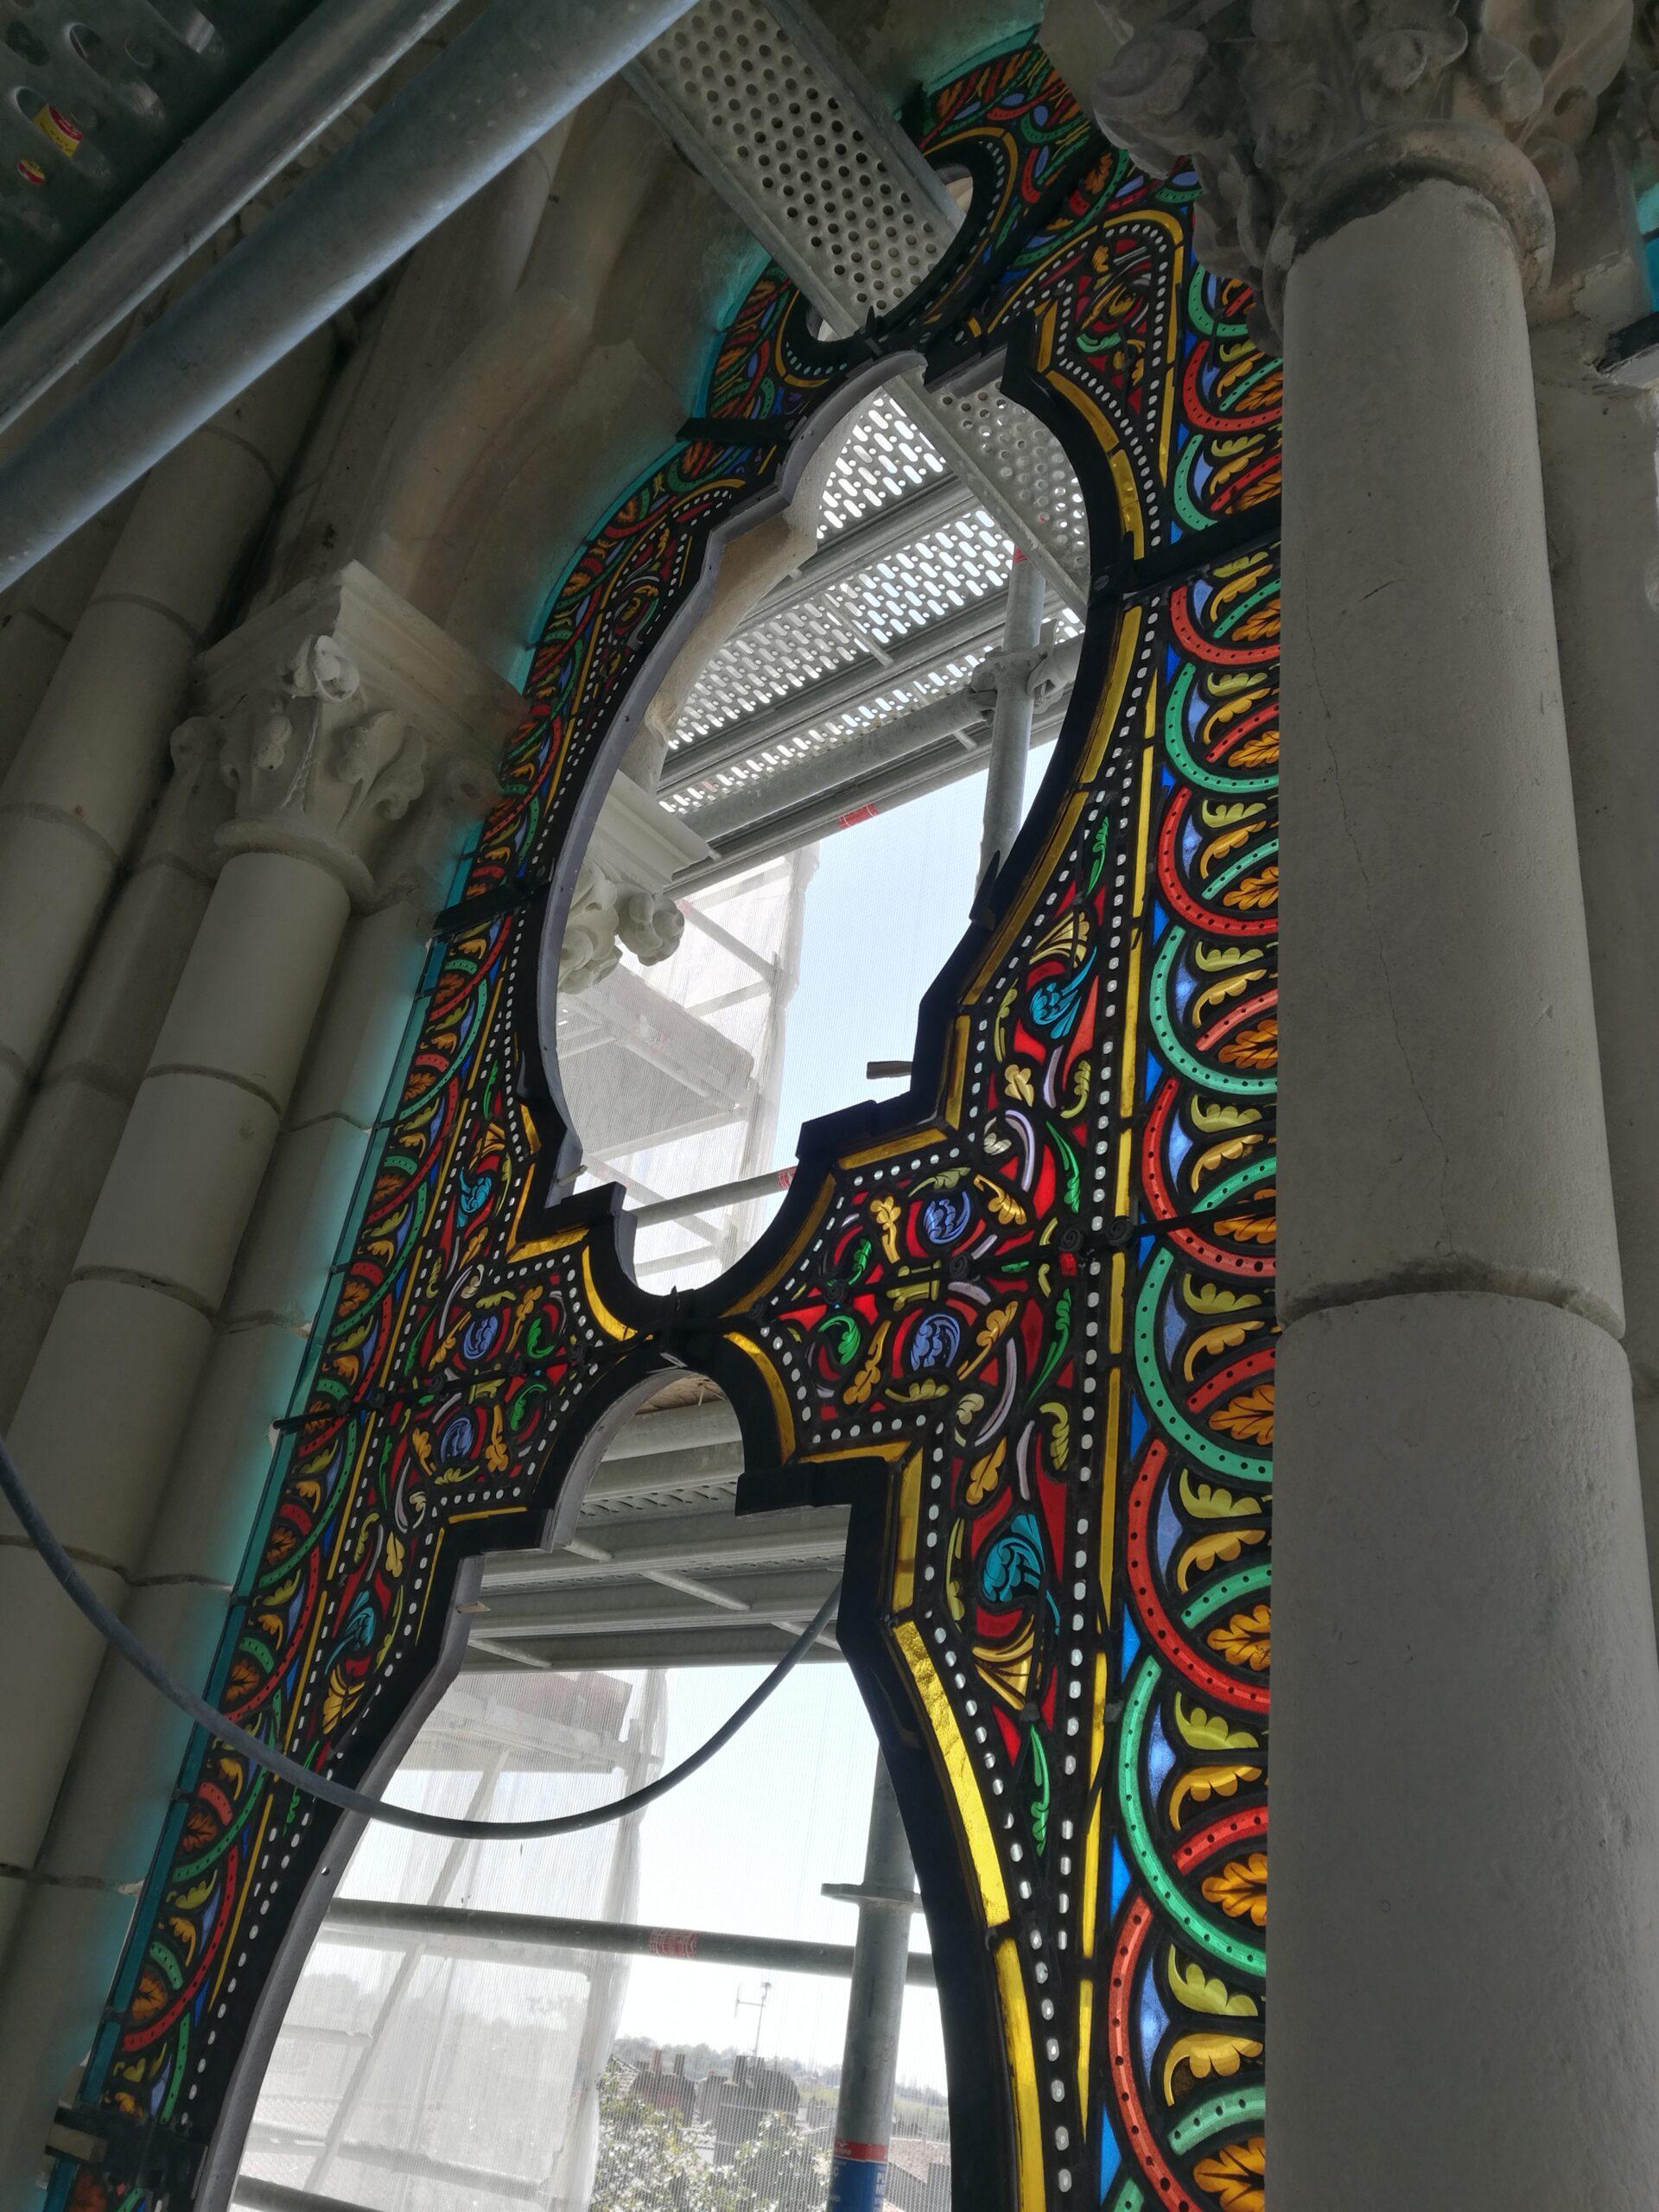 Atelier de vitrail Christian BEAUBREUIL vitraux en cours de montage